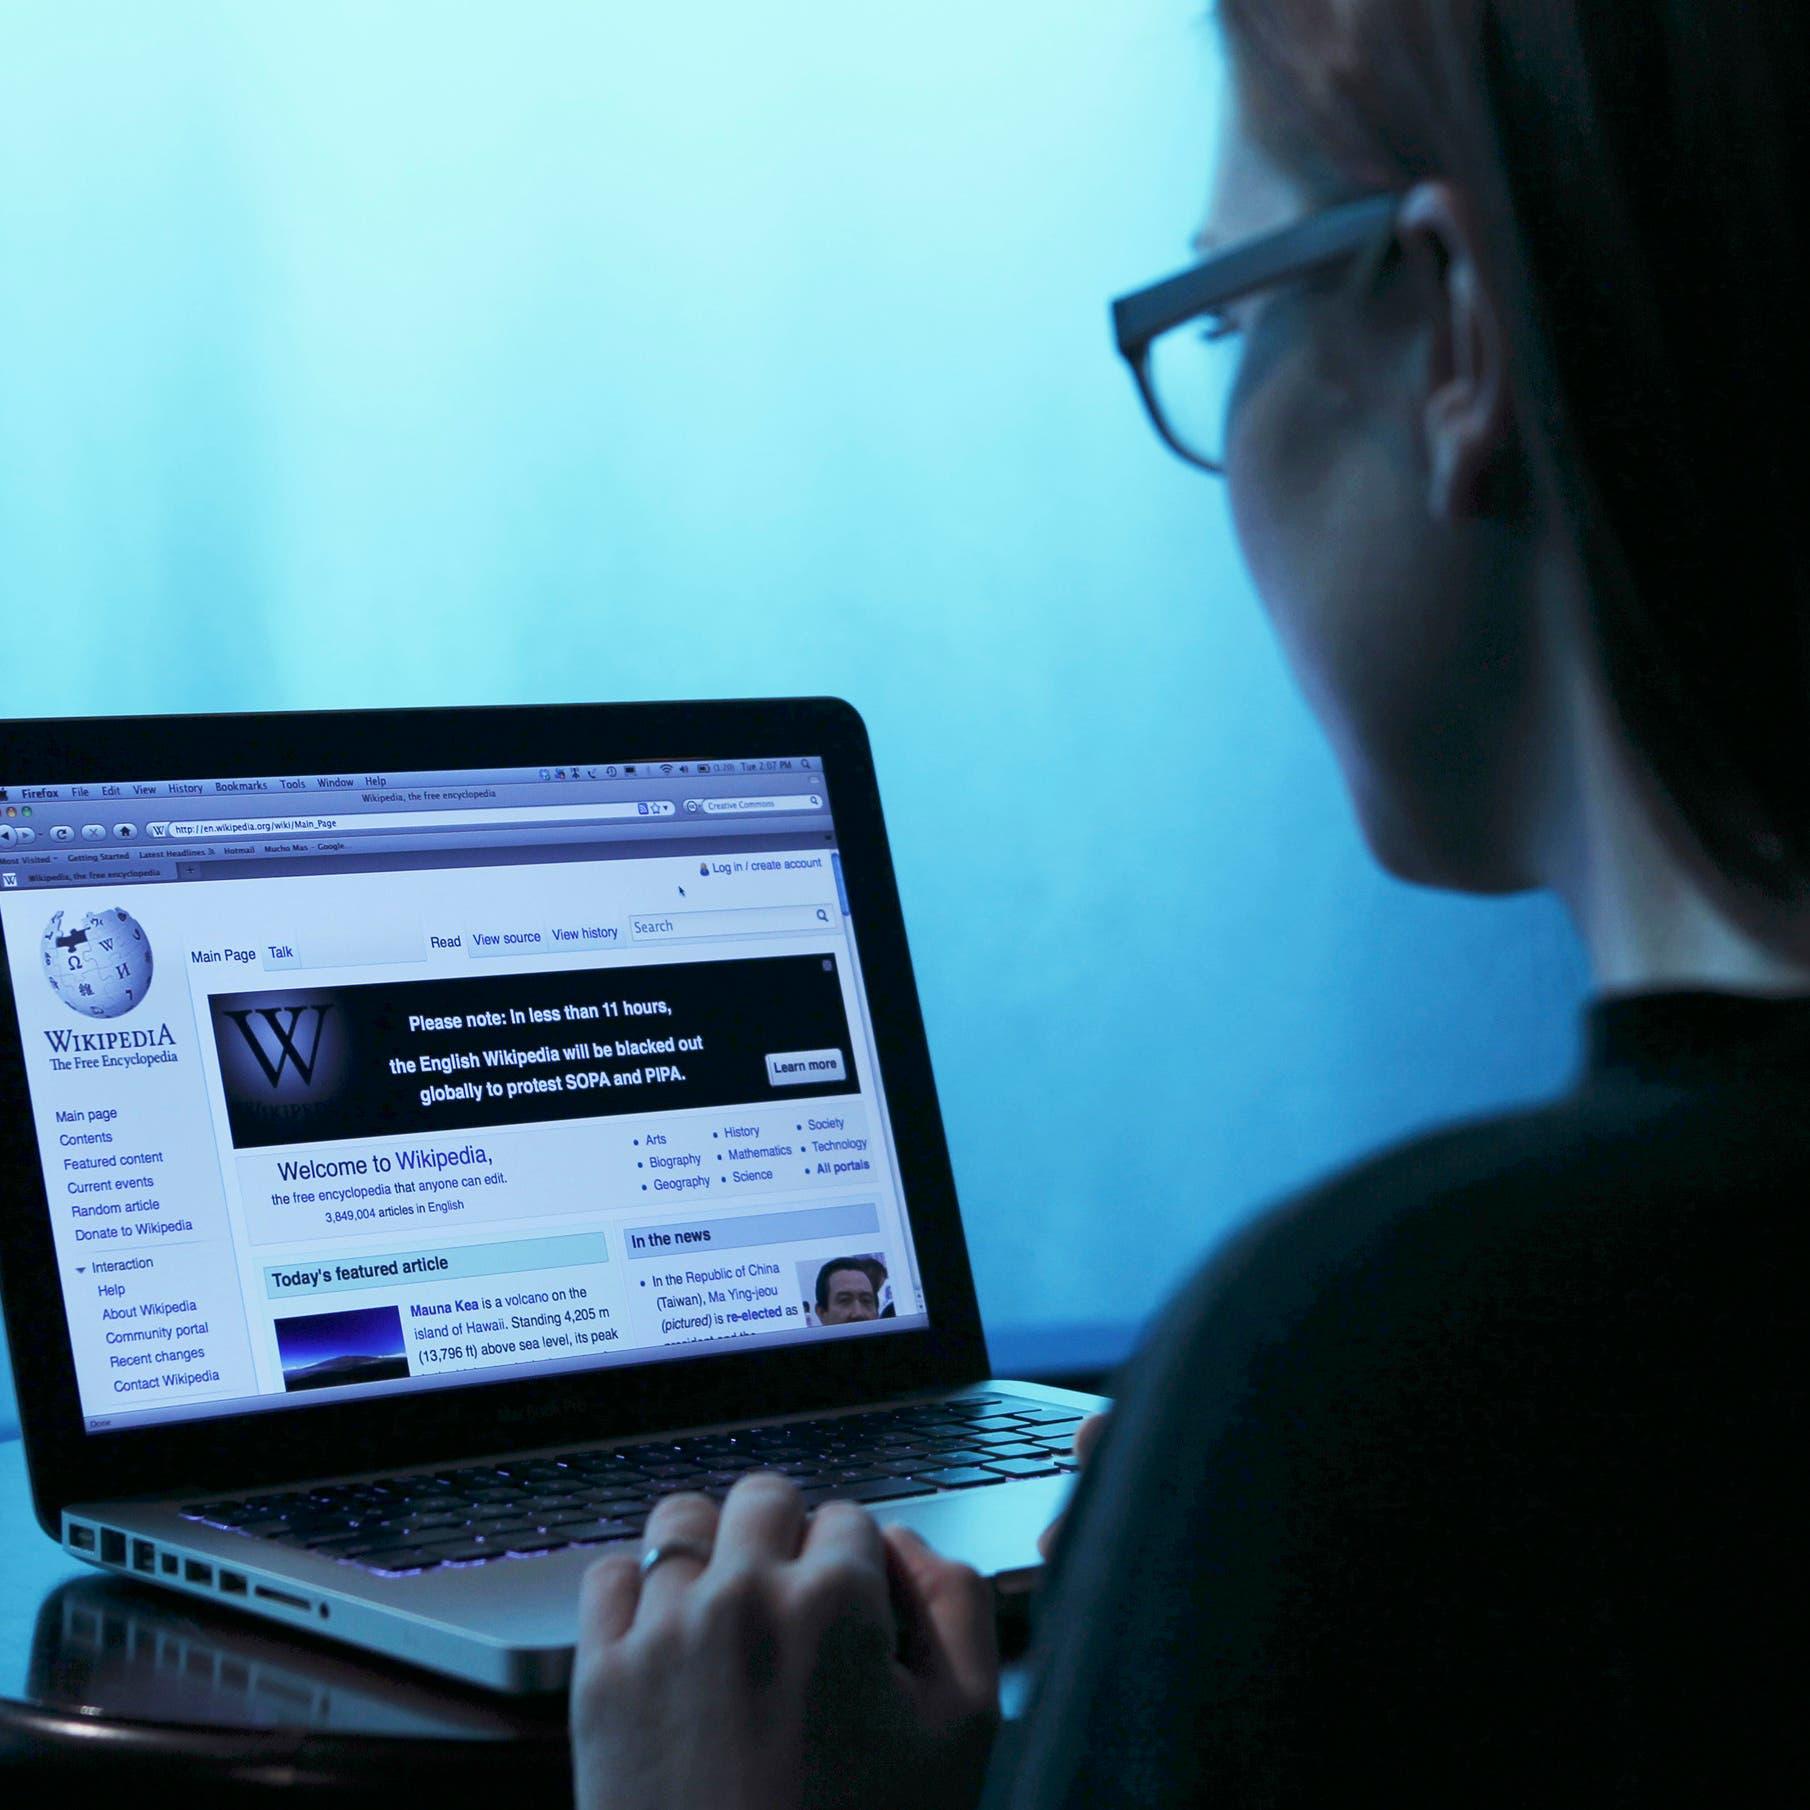 """ويكيبيديا تحارب المعلومات المضللة بـ""""مدونة لقواعد السلوك"""""""